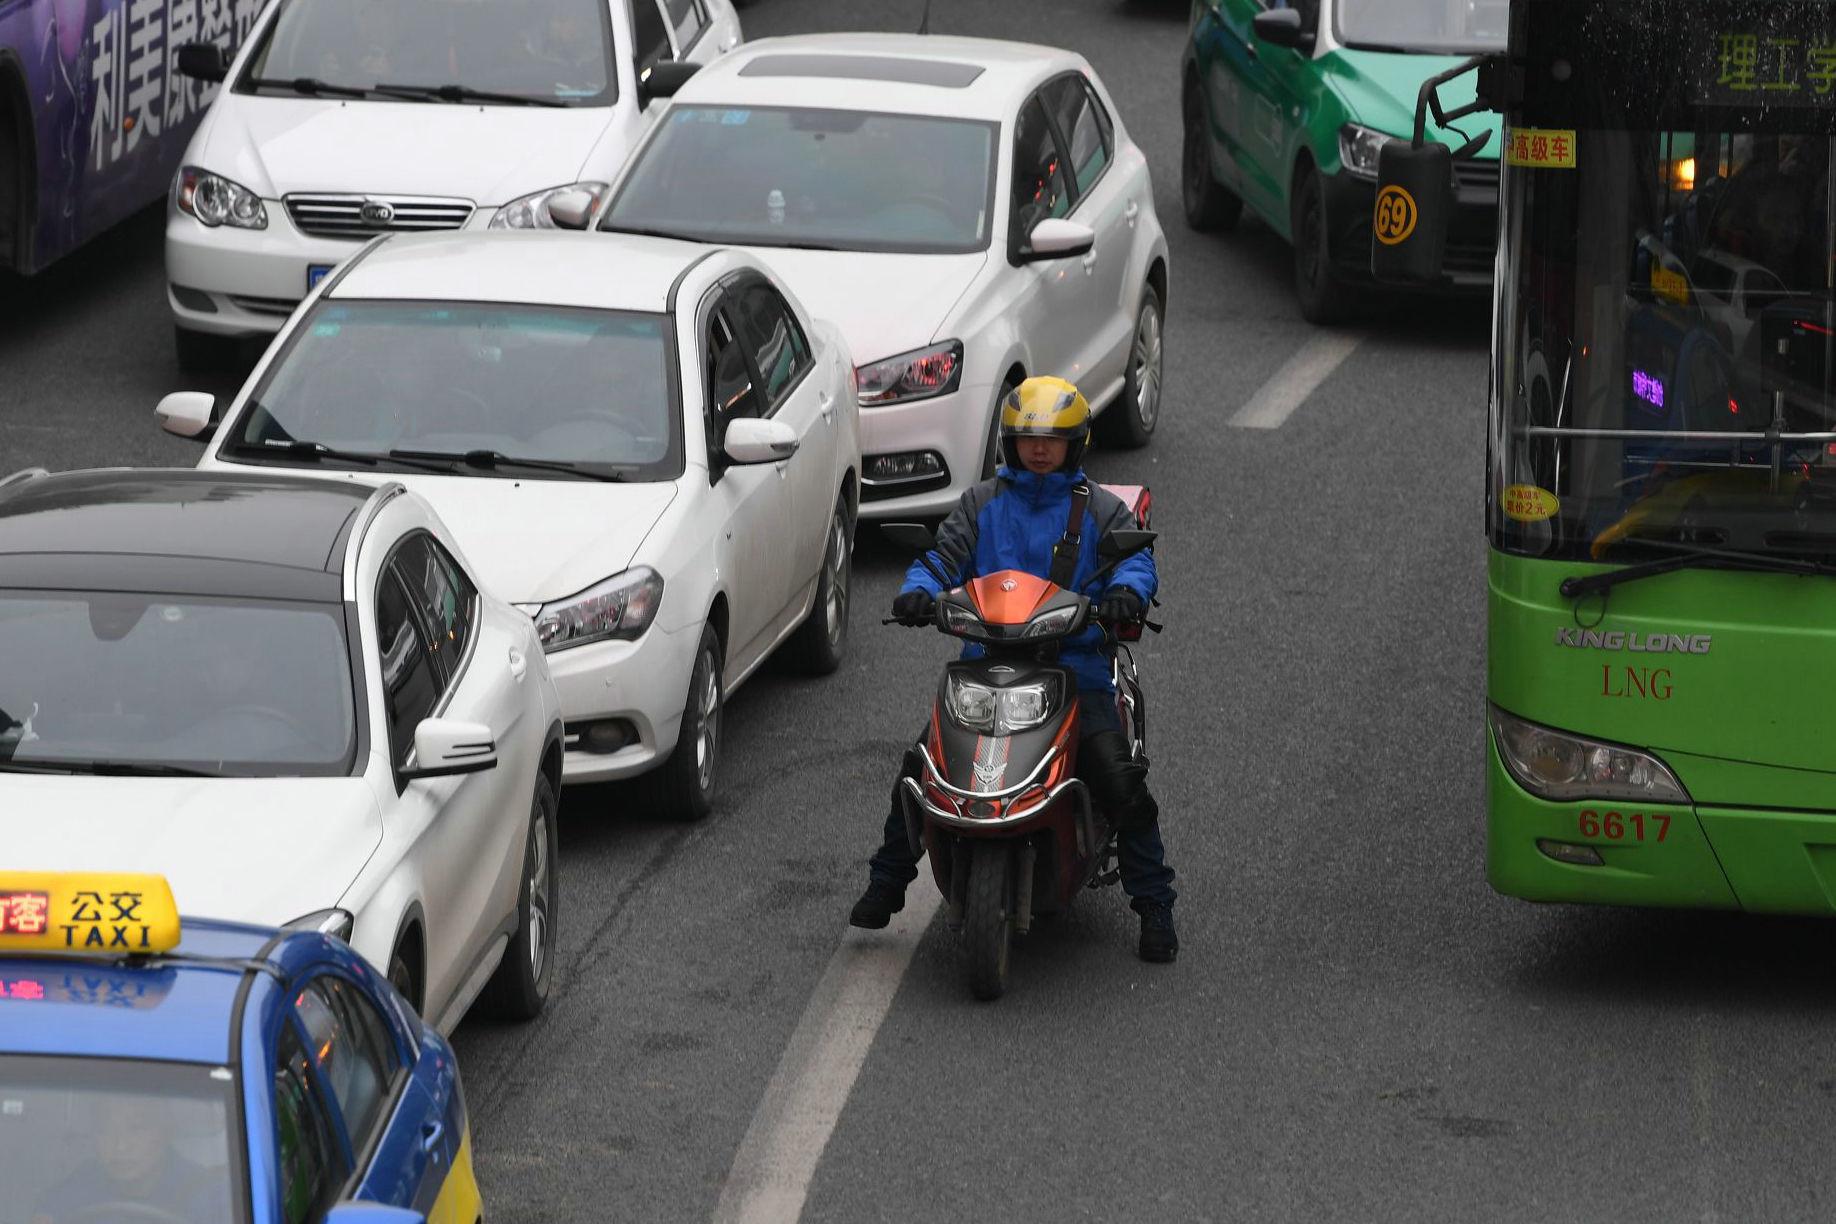 机动车�y`�K�>yJ���n�_图为电动车与机动车混行,抢占机动车道严重.